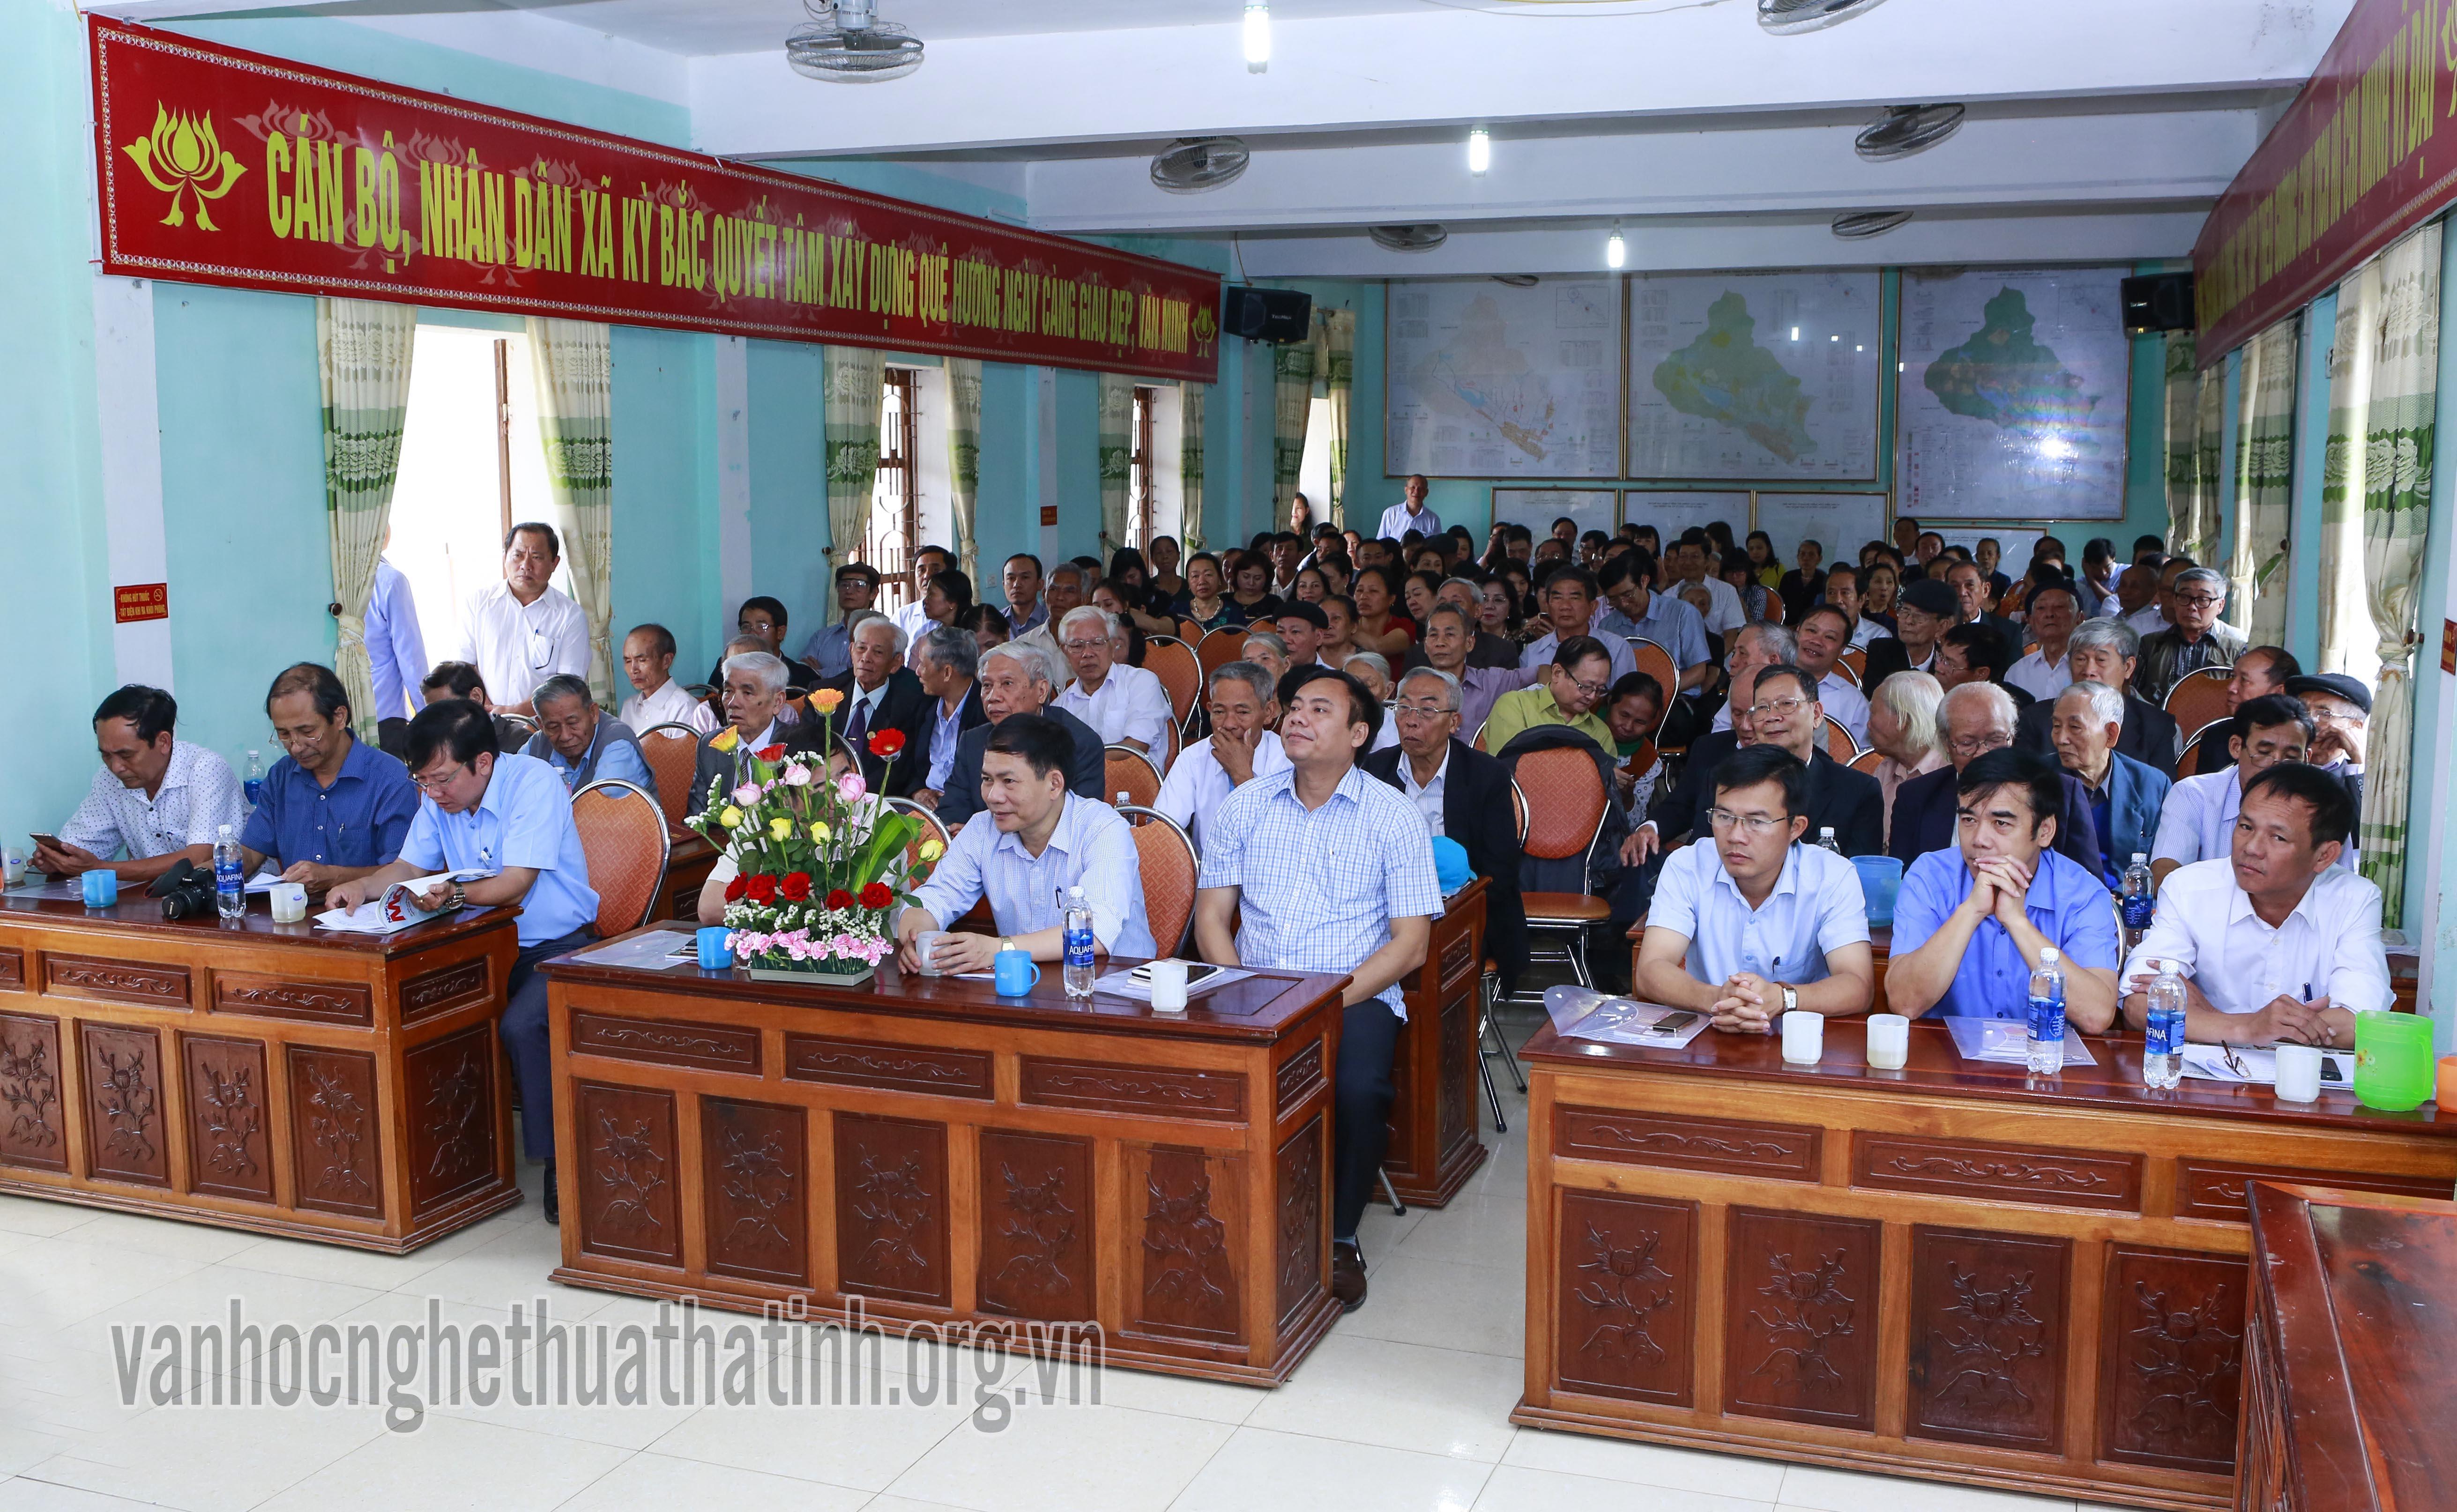 Lể Kỷ niệm 160 năm nhà thờ họ Nguyễn Tiến và 144 năm khởi nghĩa Giáp Tuất